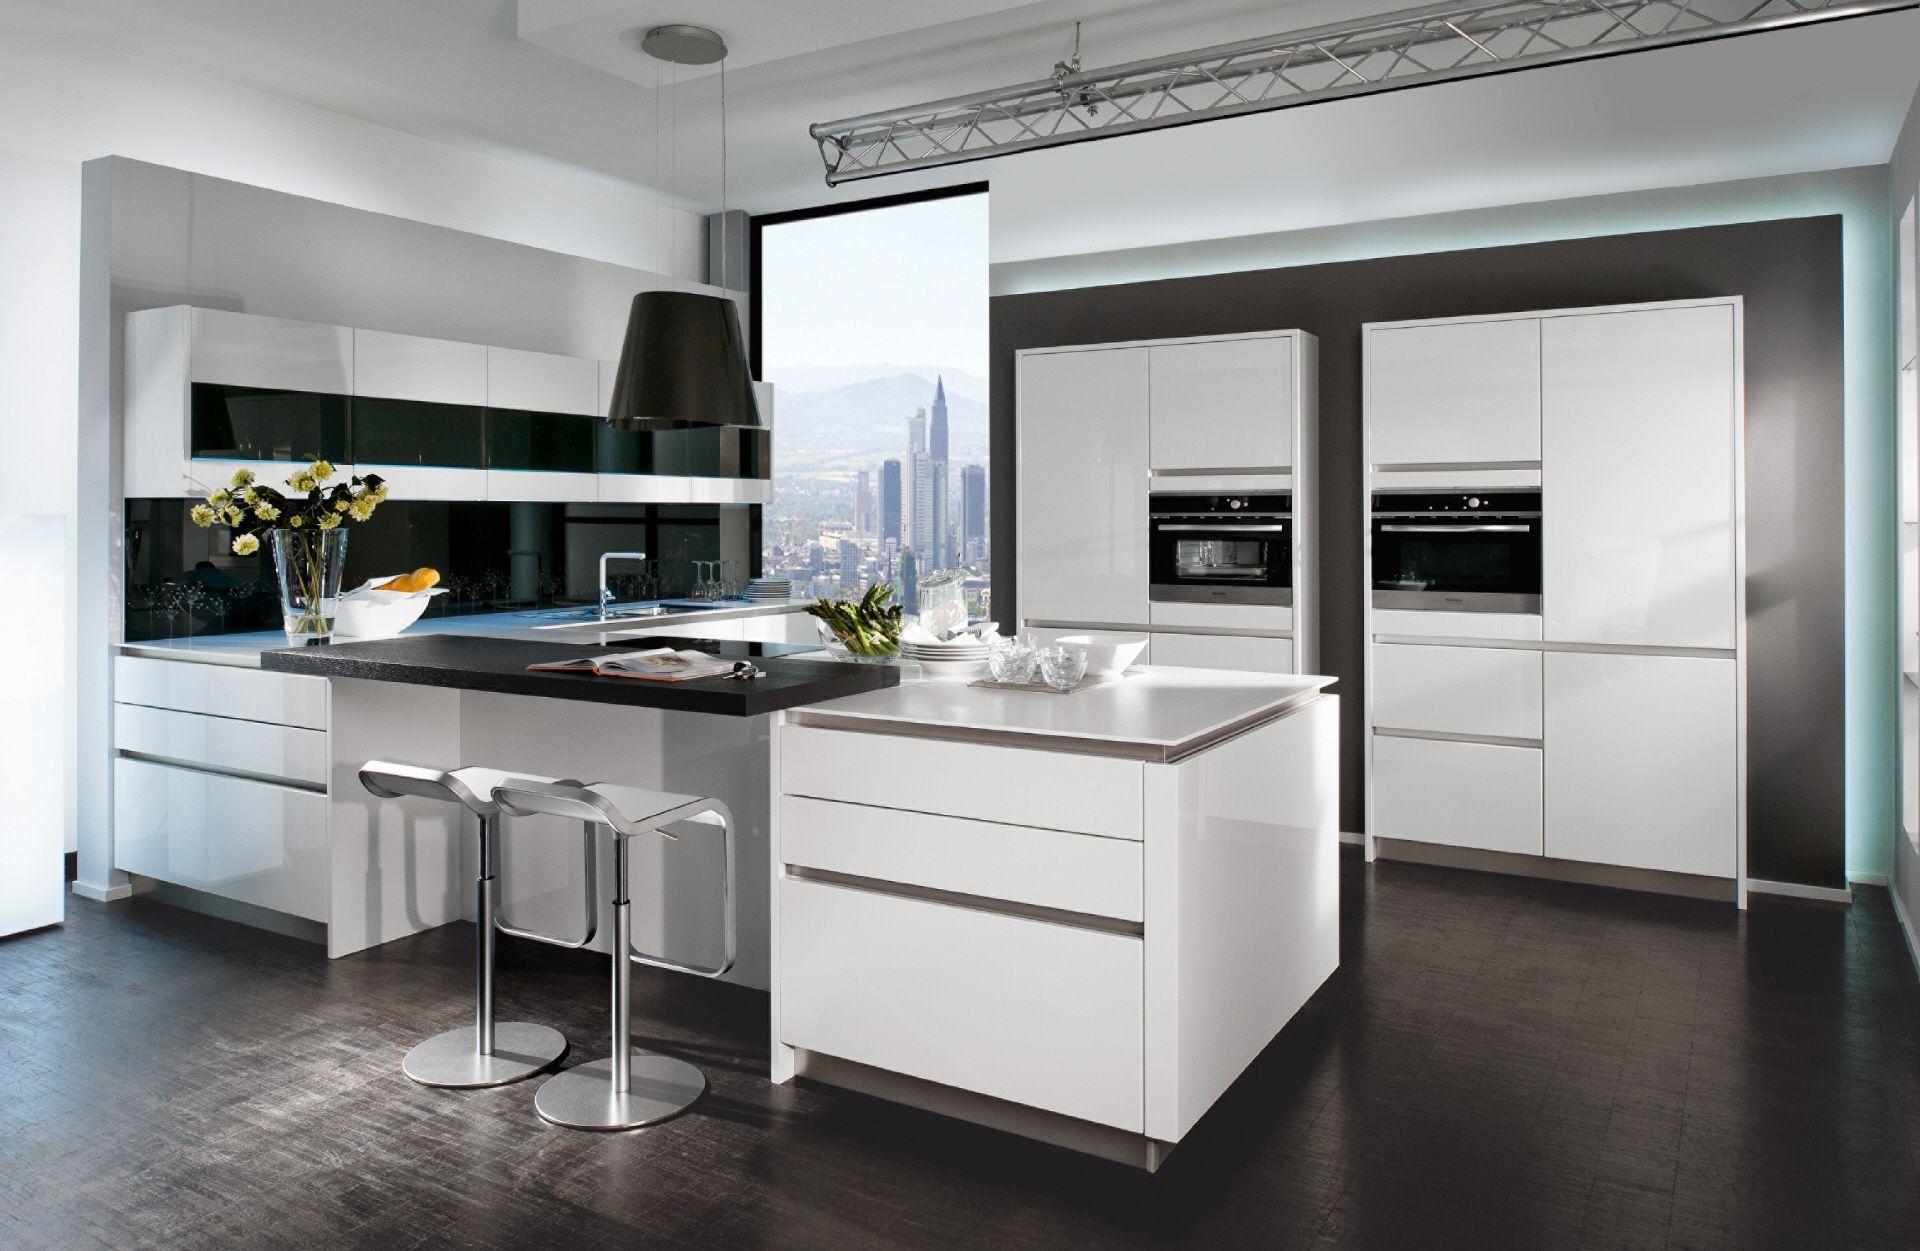 pin von angela gerhold auf k che in 2018 pinterest wohnzimmer ideen ikea und wohnzimmer. Black Bedroom Furniture Sets. Home Design Ideas